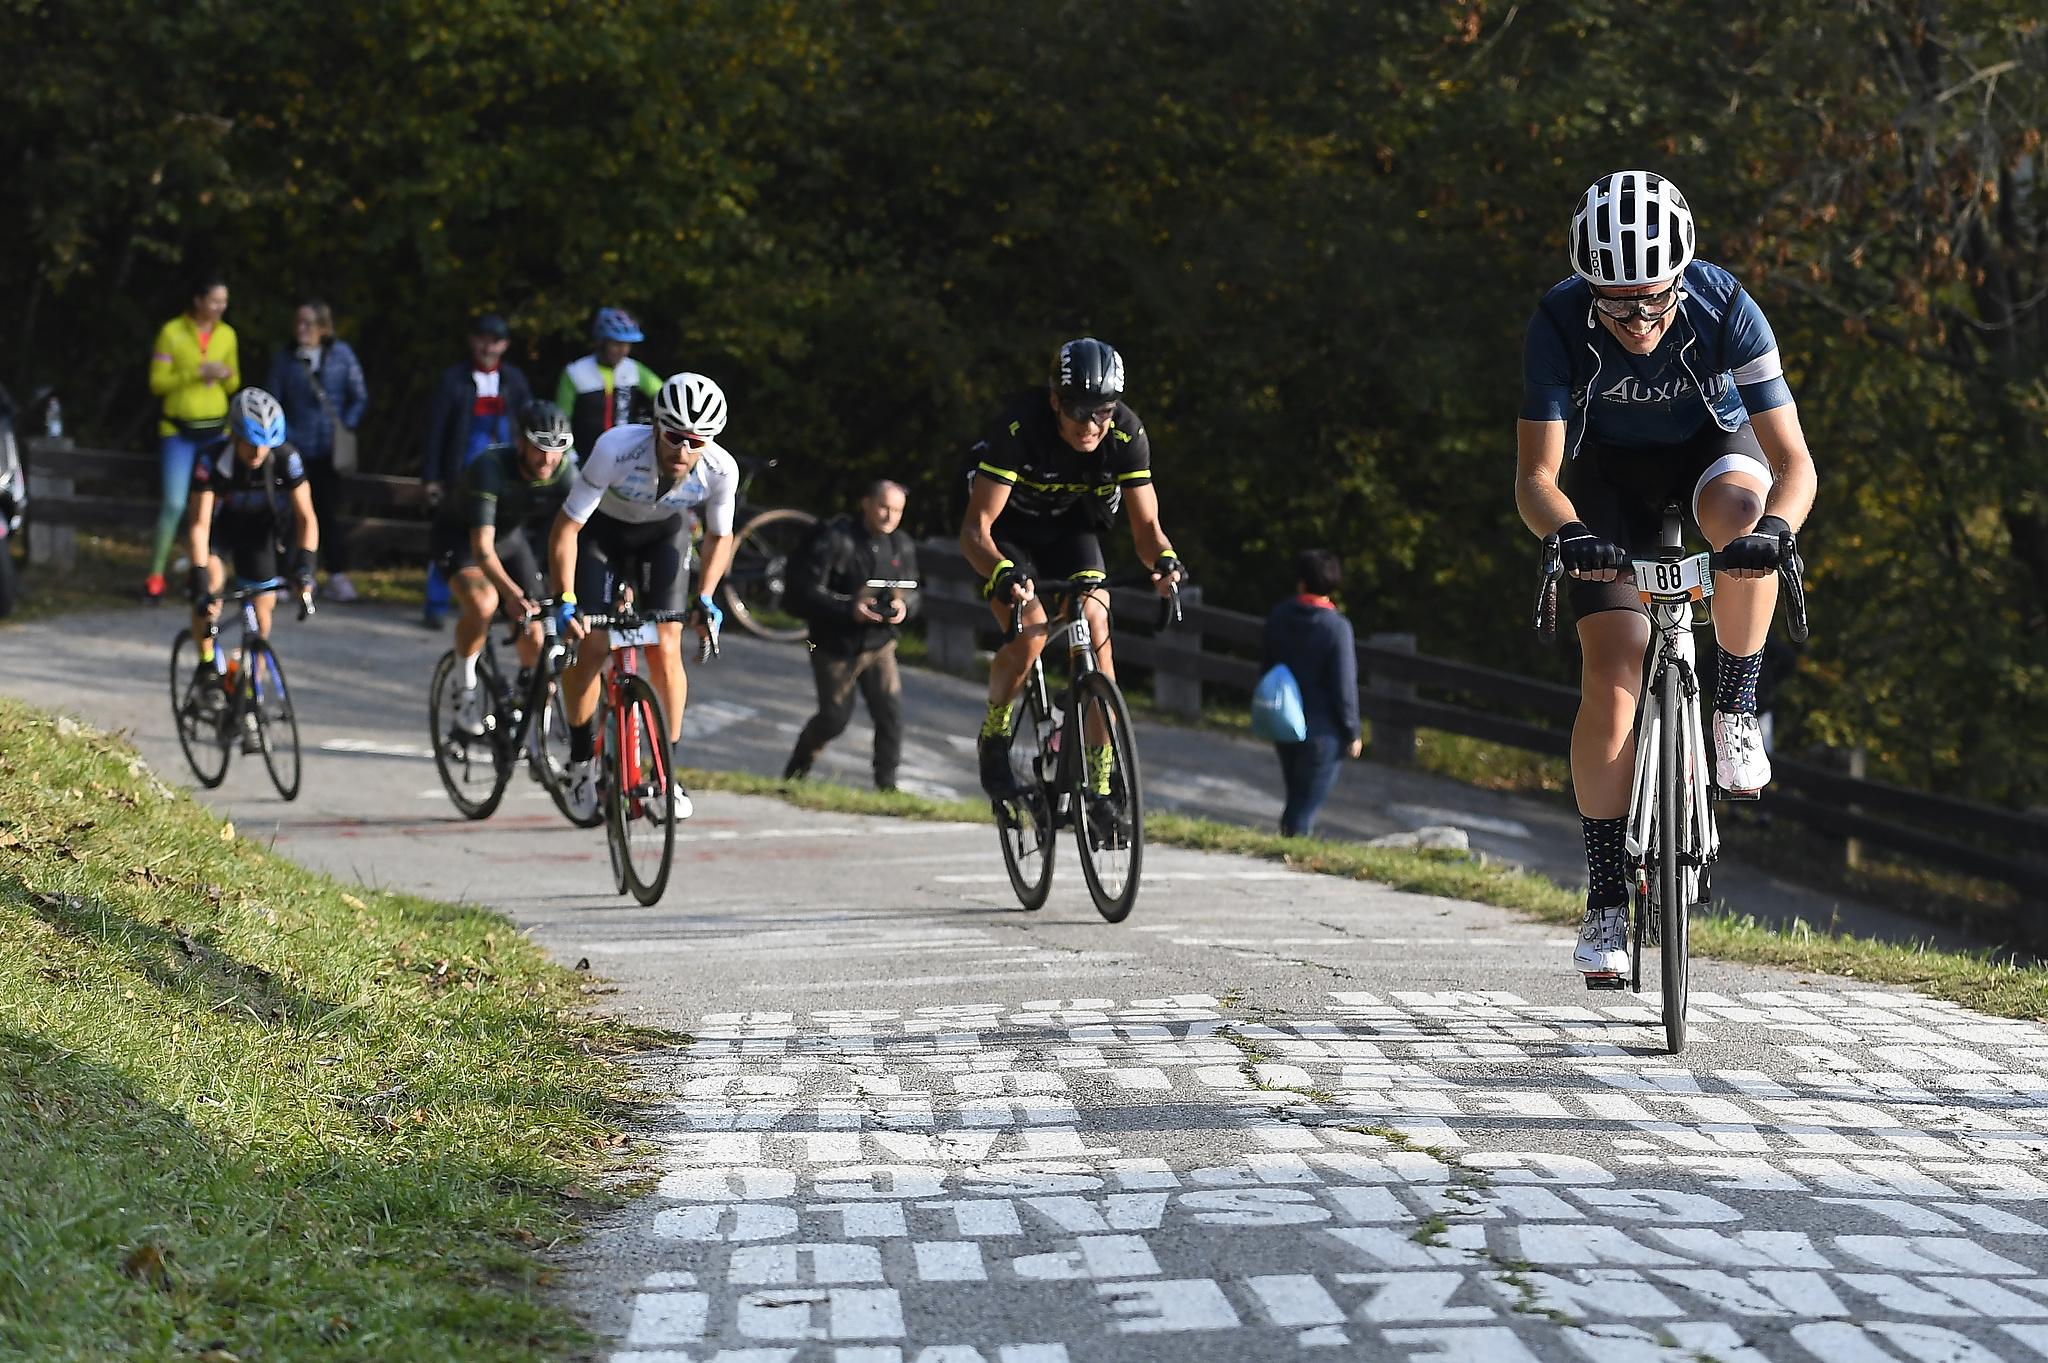 La Gran Fondo Il Lombardia torna il 13 ottobre con tante novità e promozioni!